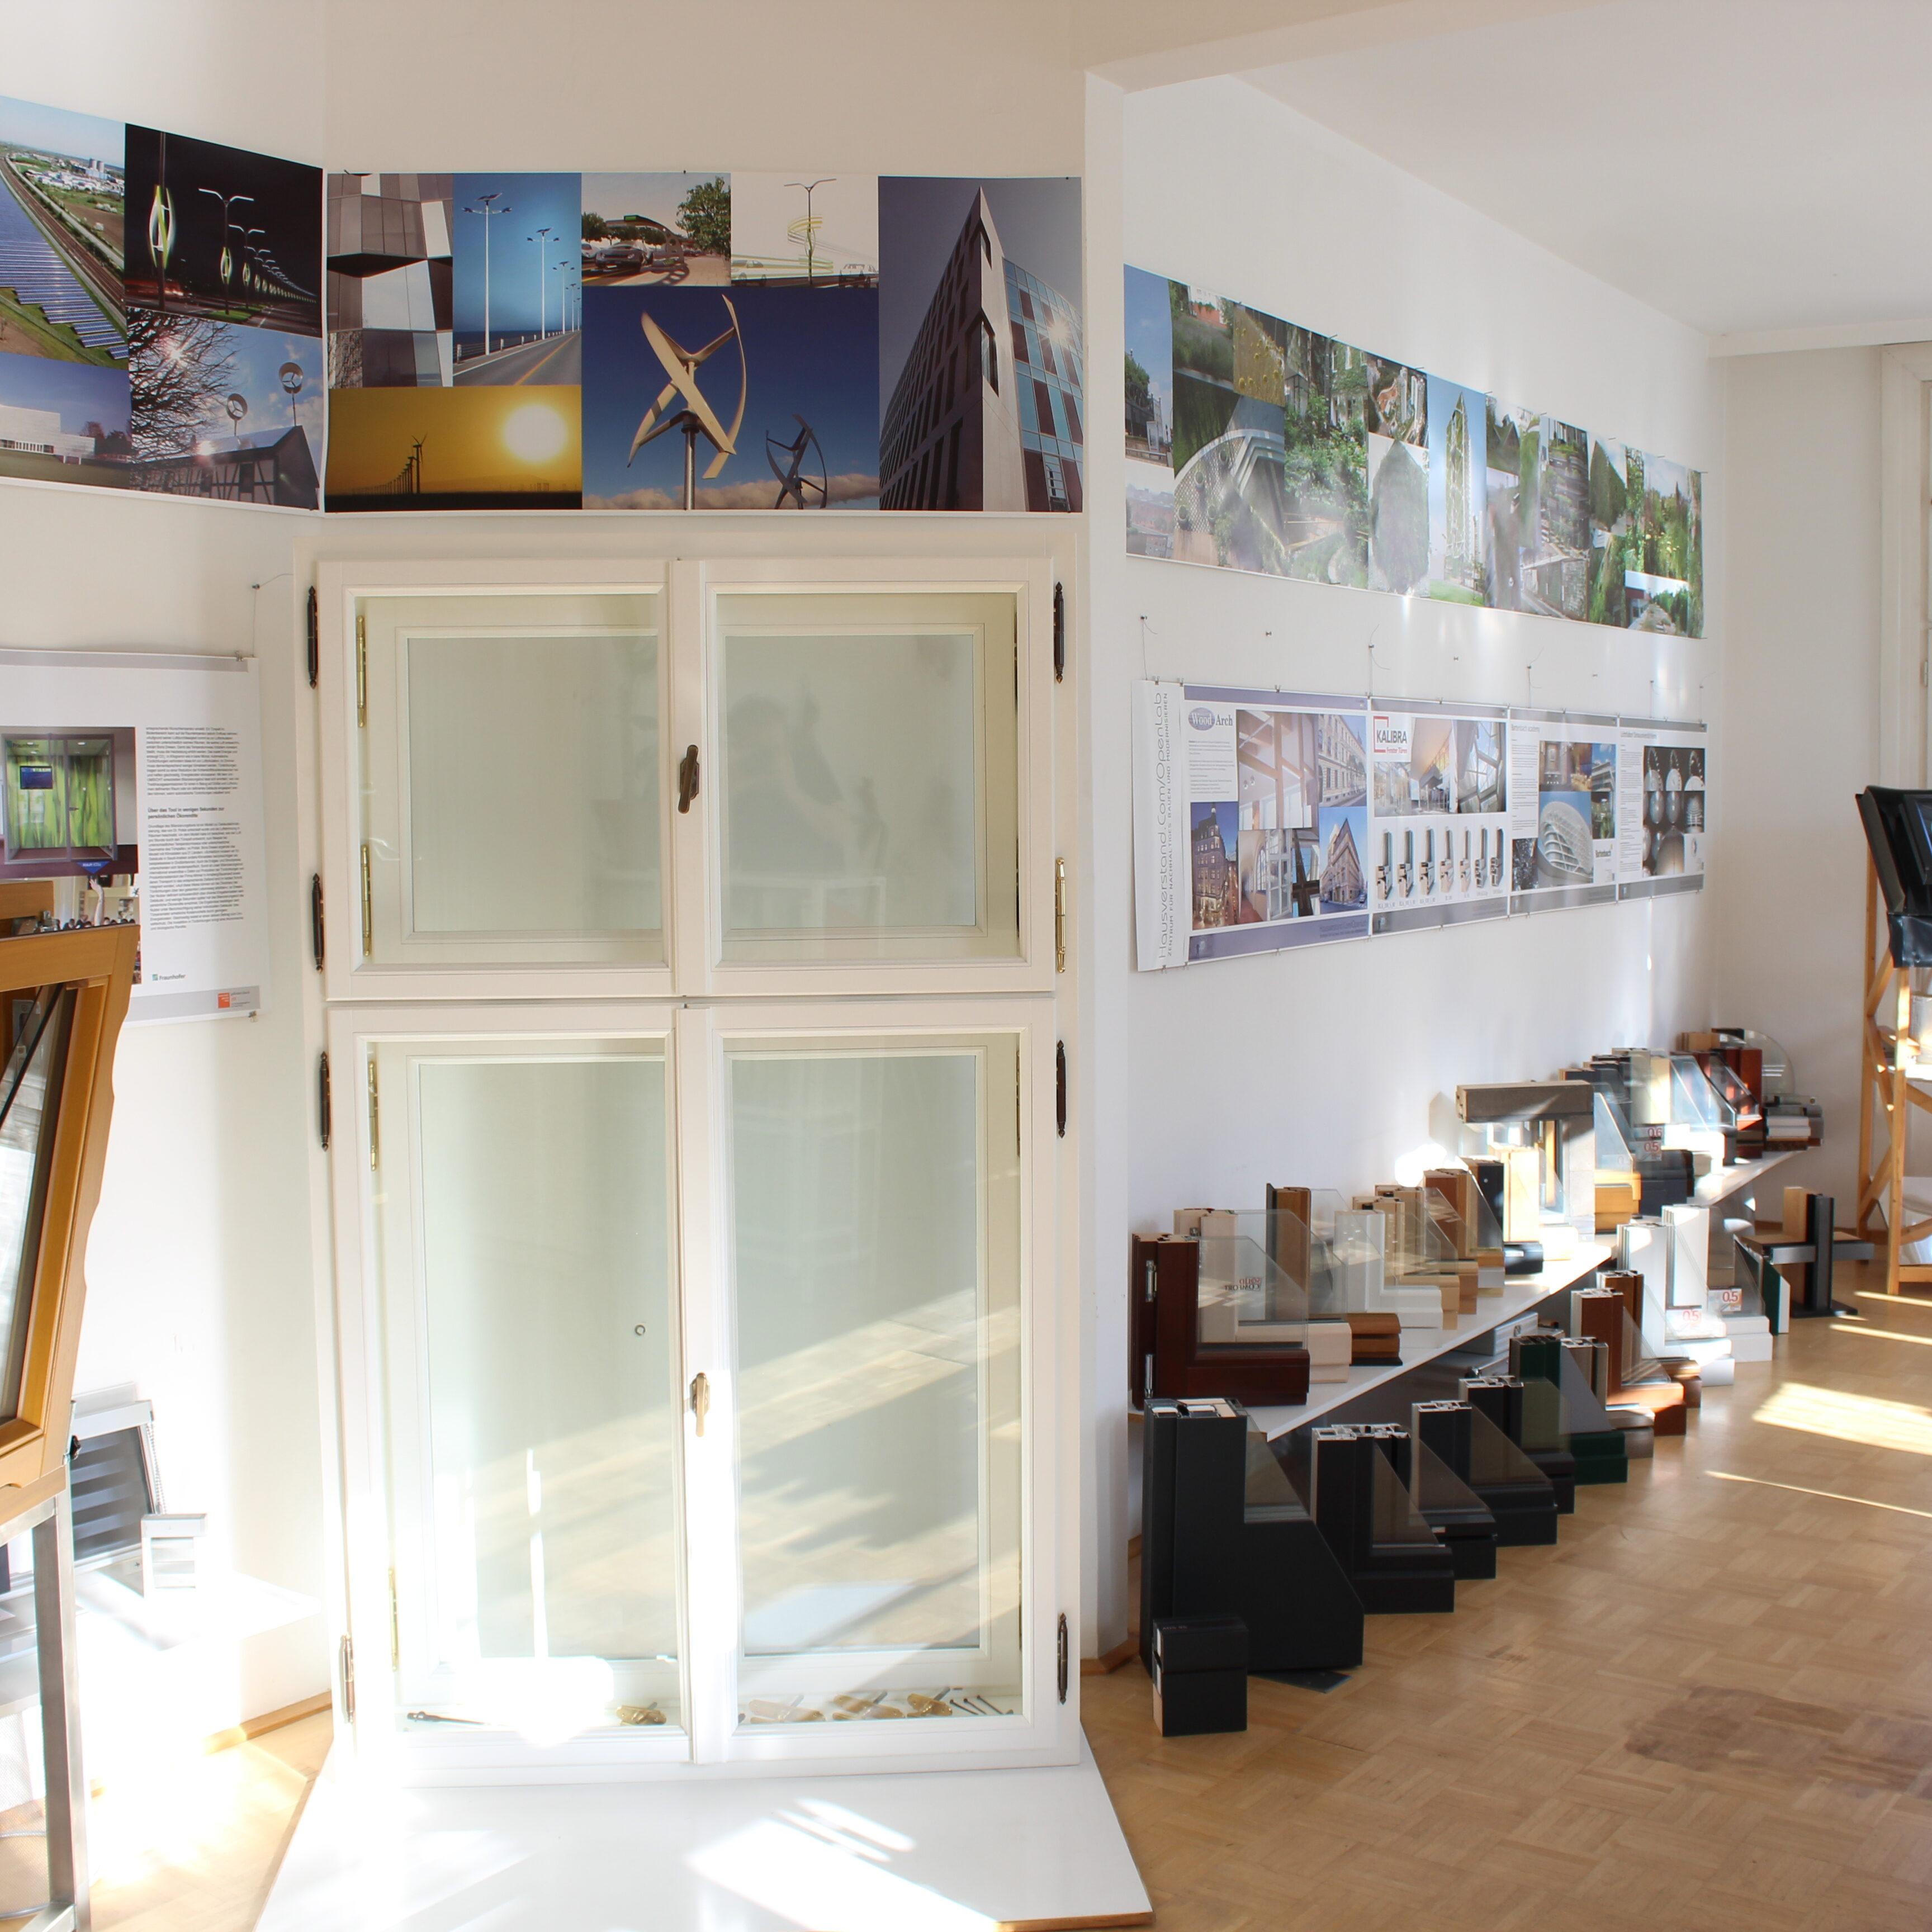 Exhibition at the Fenster Zentrum Wien Siebensternplatz